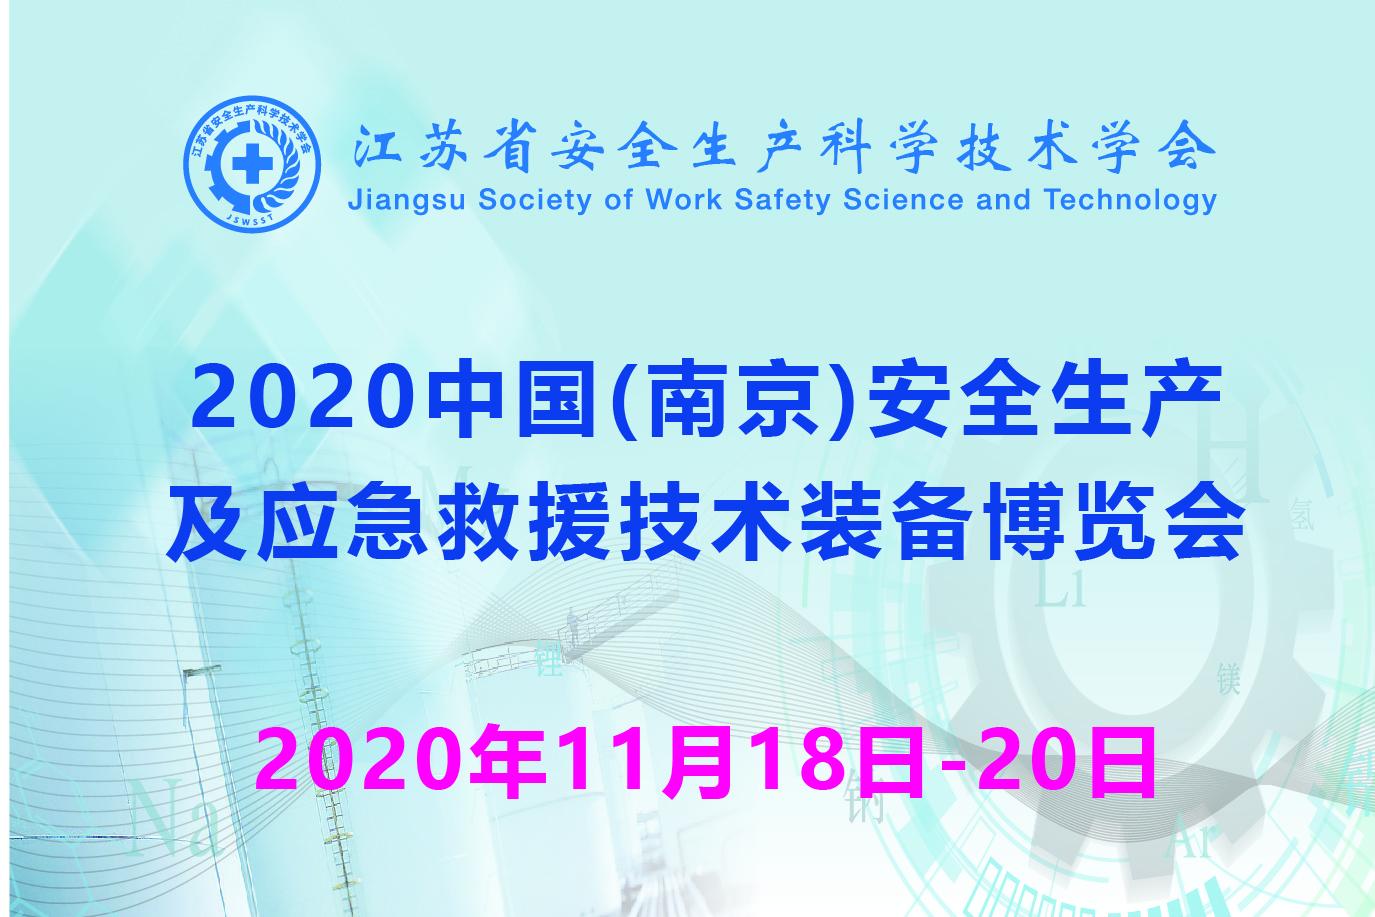 多方主体协同发力,江苏积极构建安全科技展示交流平台